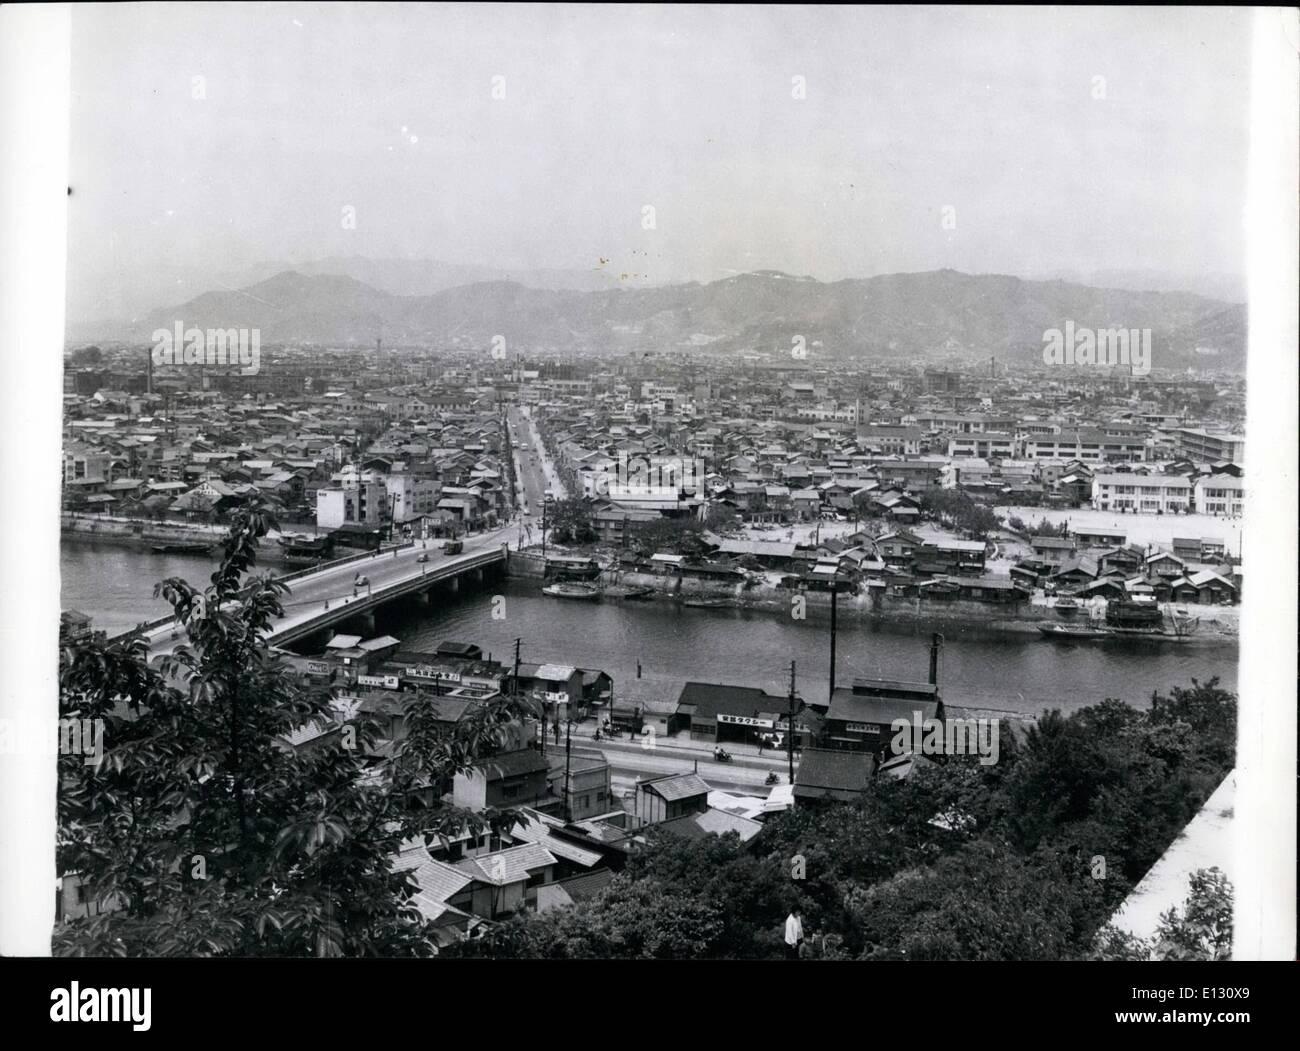 Febrero 26, 2012 - 14 años después de Hiroshima: típico japonés rodeado de casas de madera los edificios contemporáneos que han Imagen De Stock